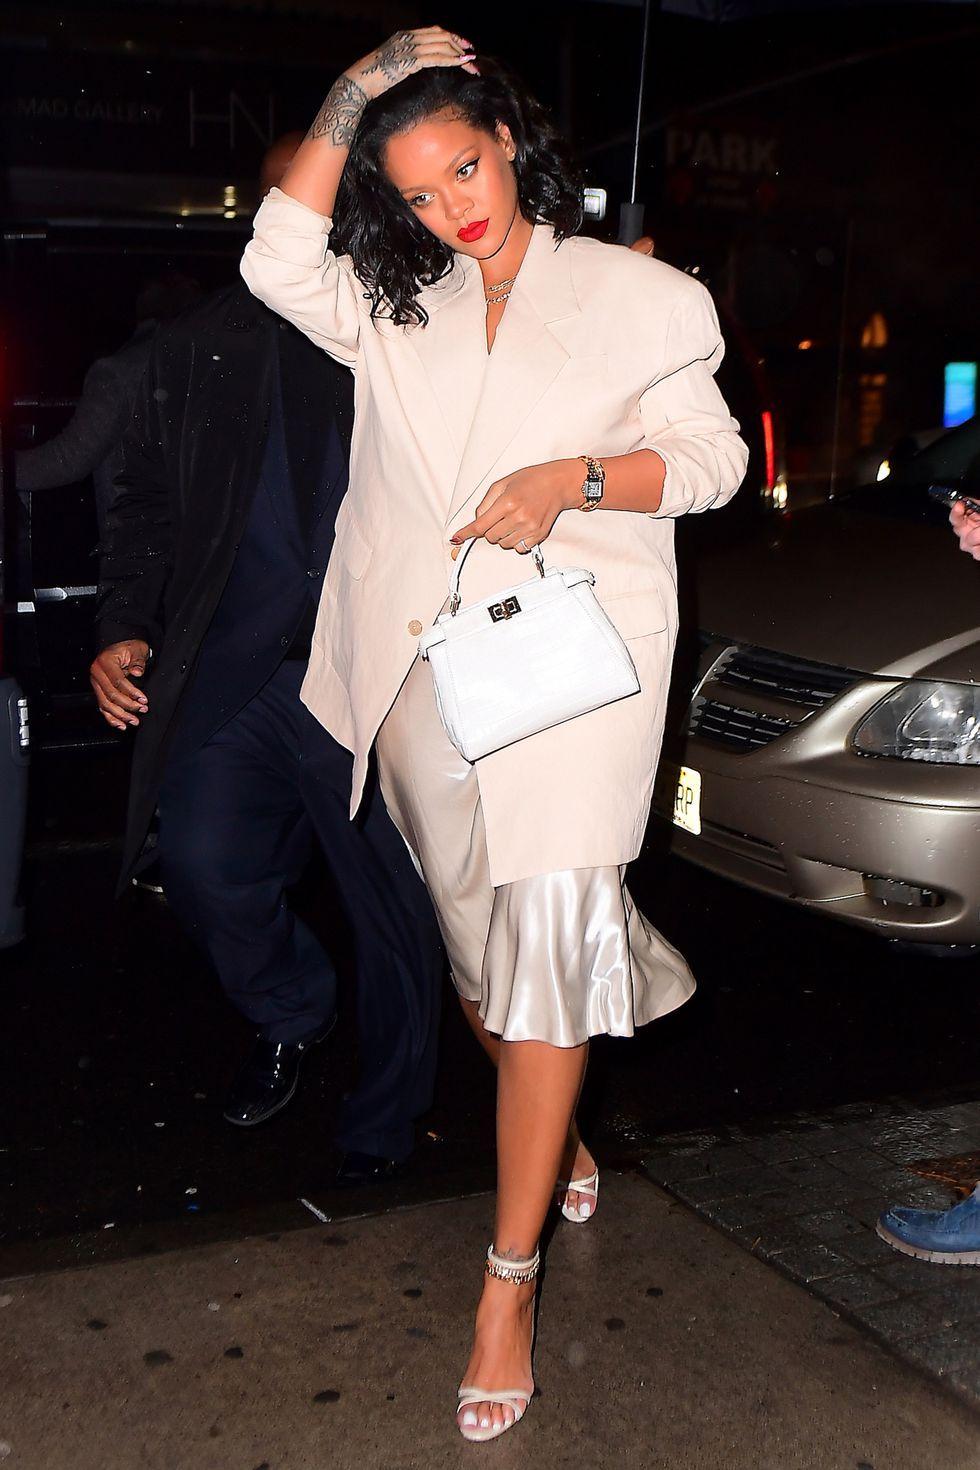 Biểu tượng thời trang 2010 Rihanna với street style tông trắng thanh lịch trên đường phố New York vào 1/2019